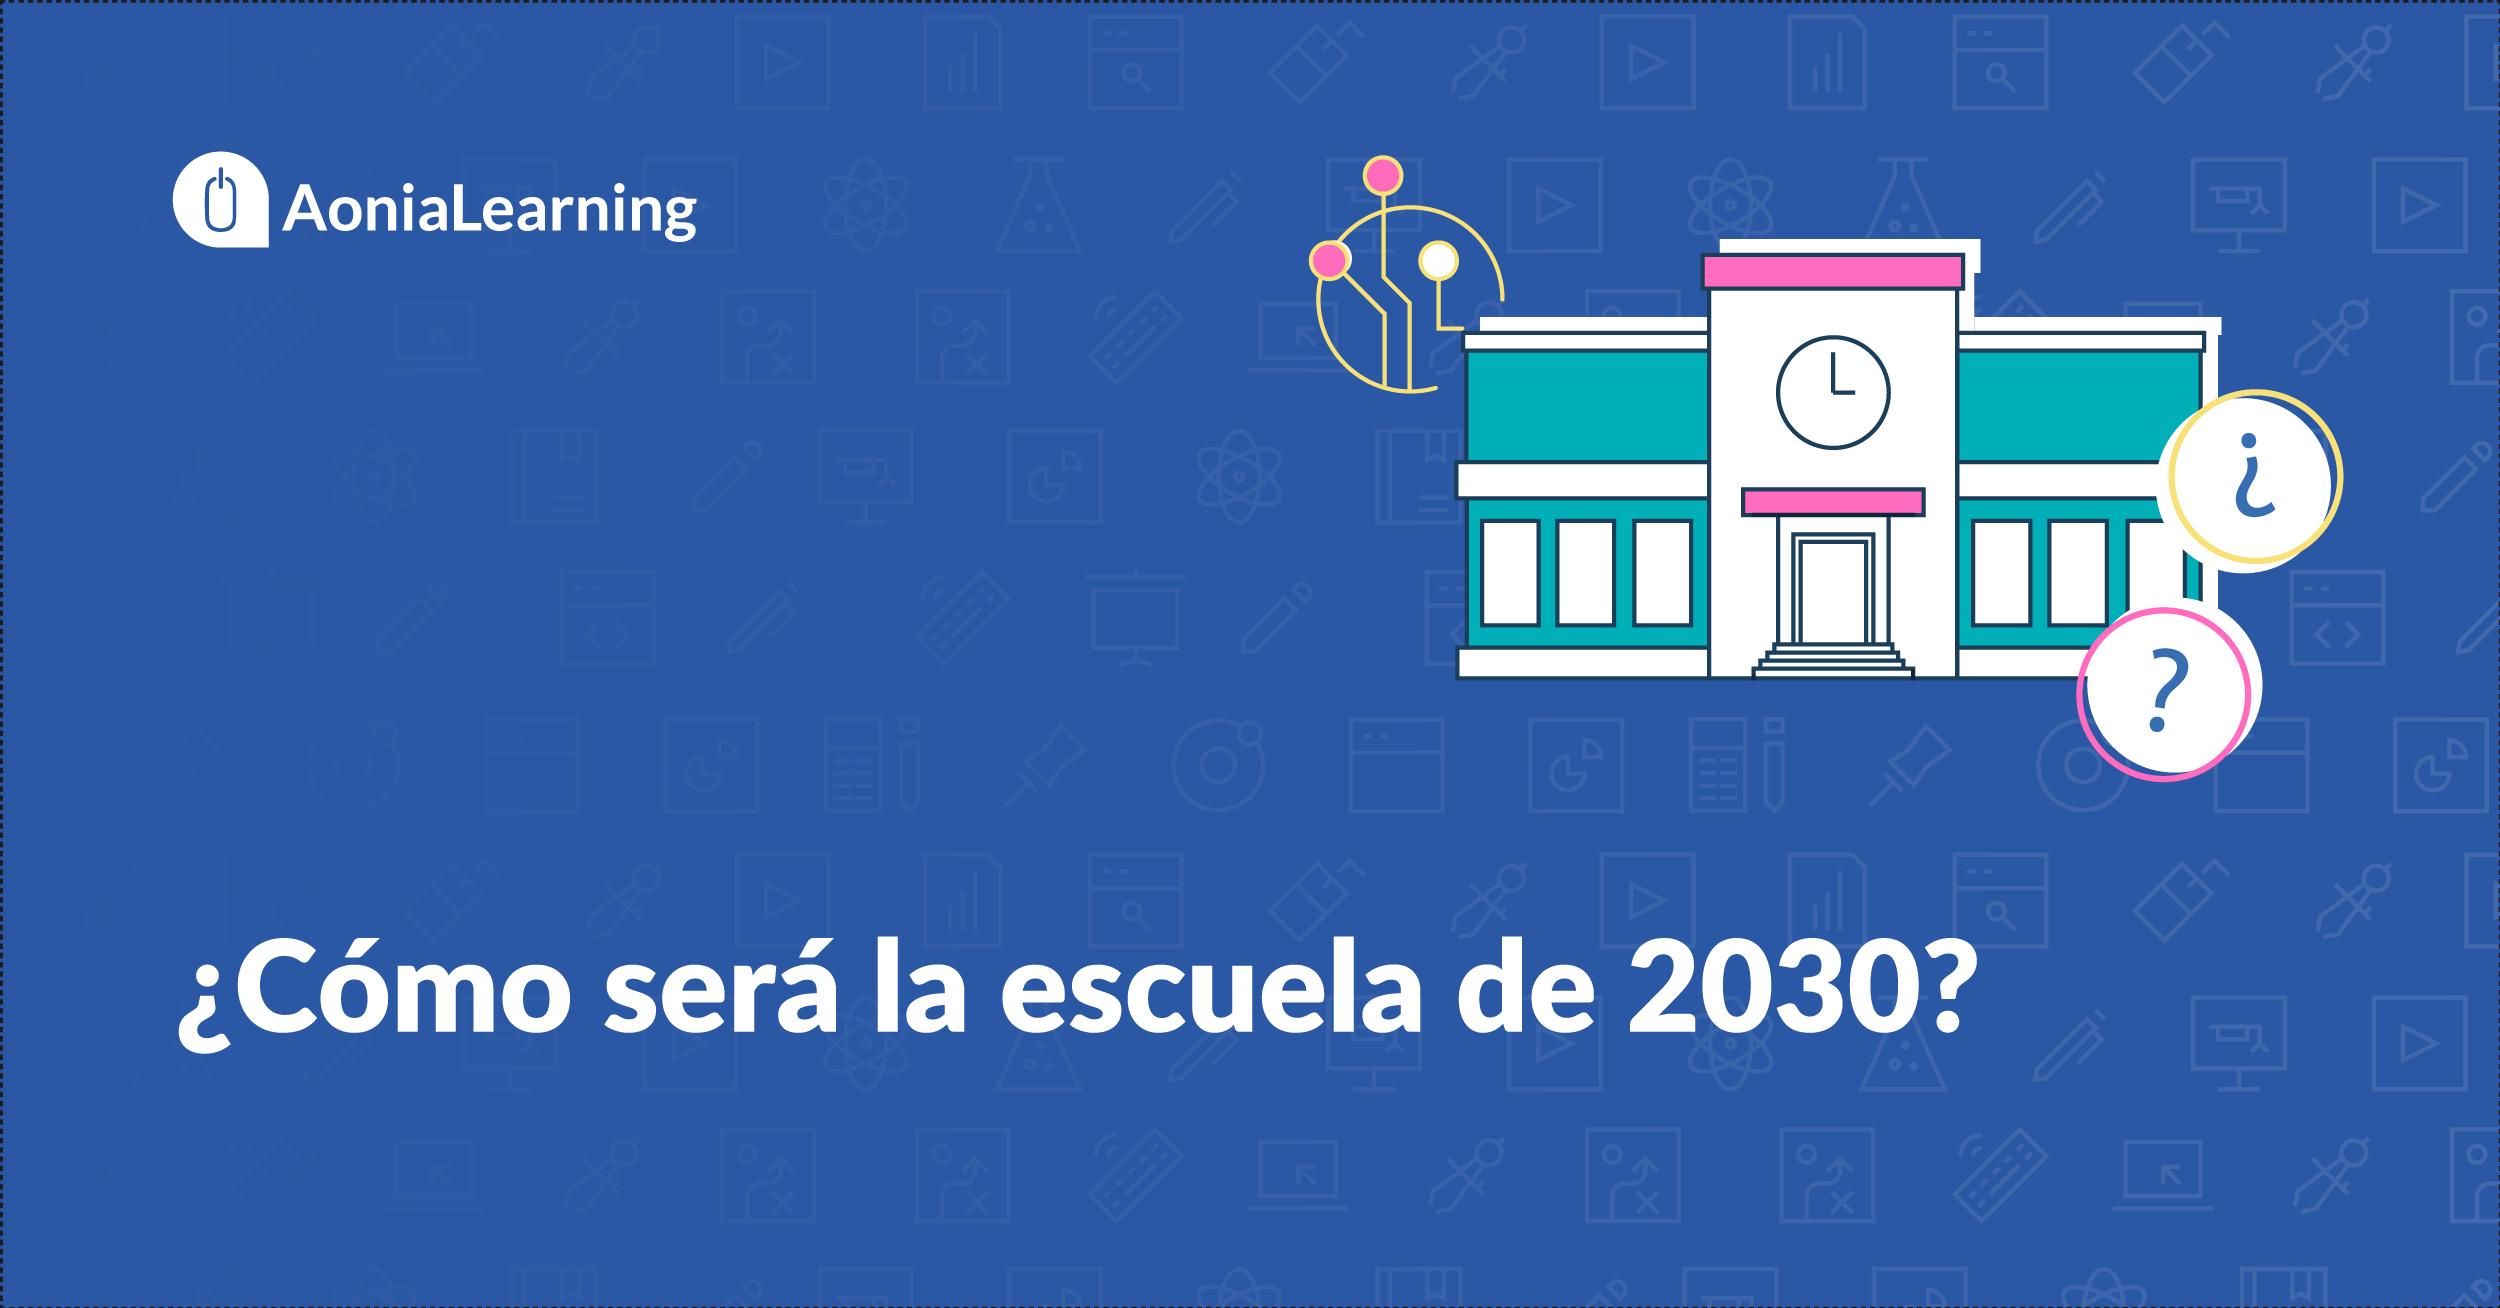 ¿Cómo sera la escuela de 2030?